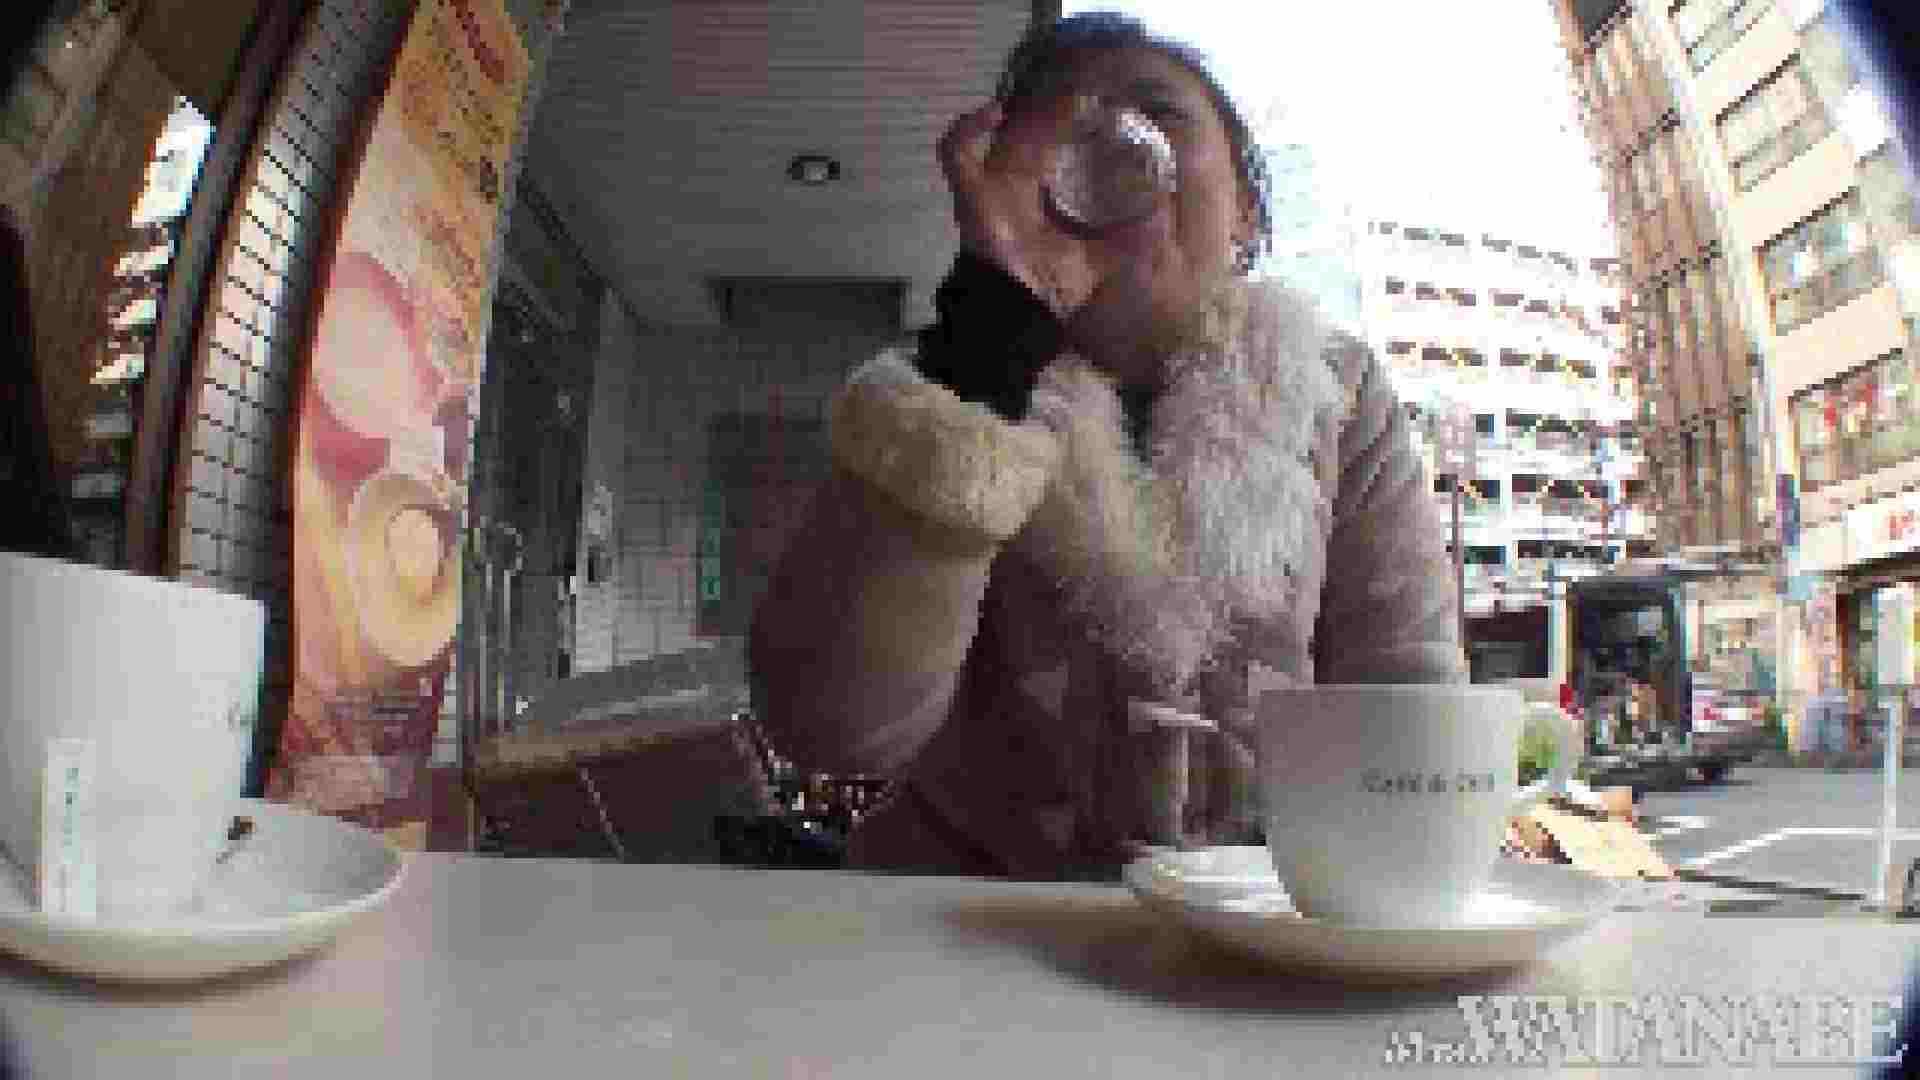 撮影スタッフを誘惑する痴熟女 かおり40歳 Vol.01 素人 | HなOL  67pic 67